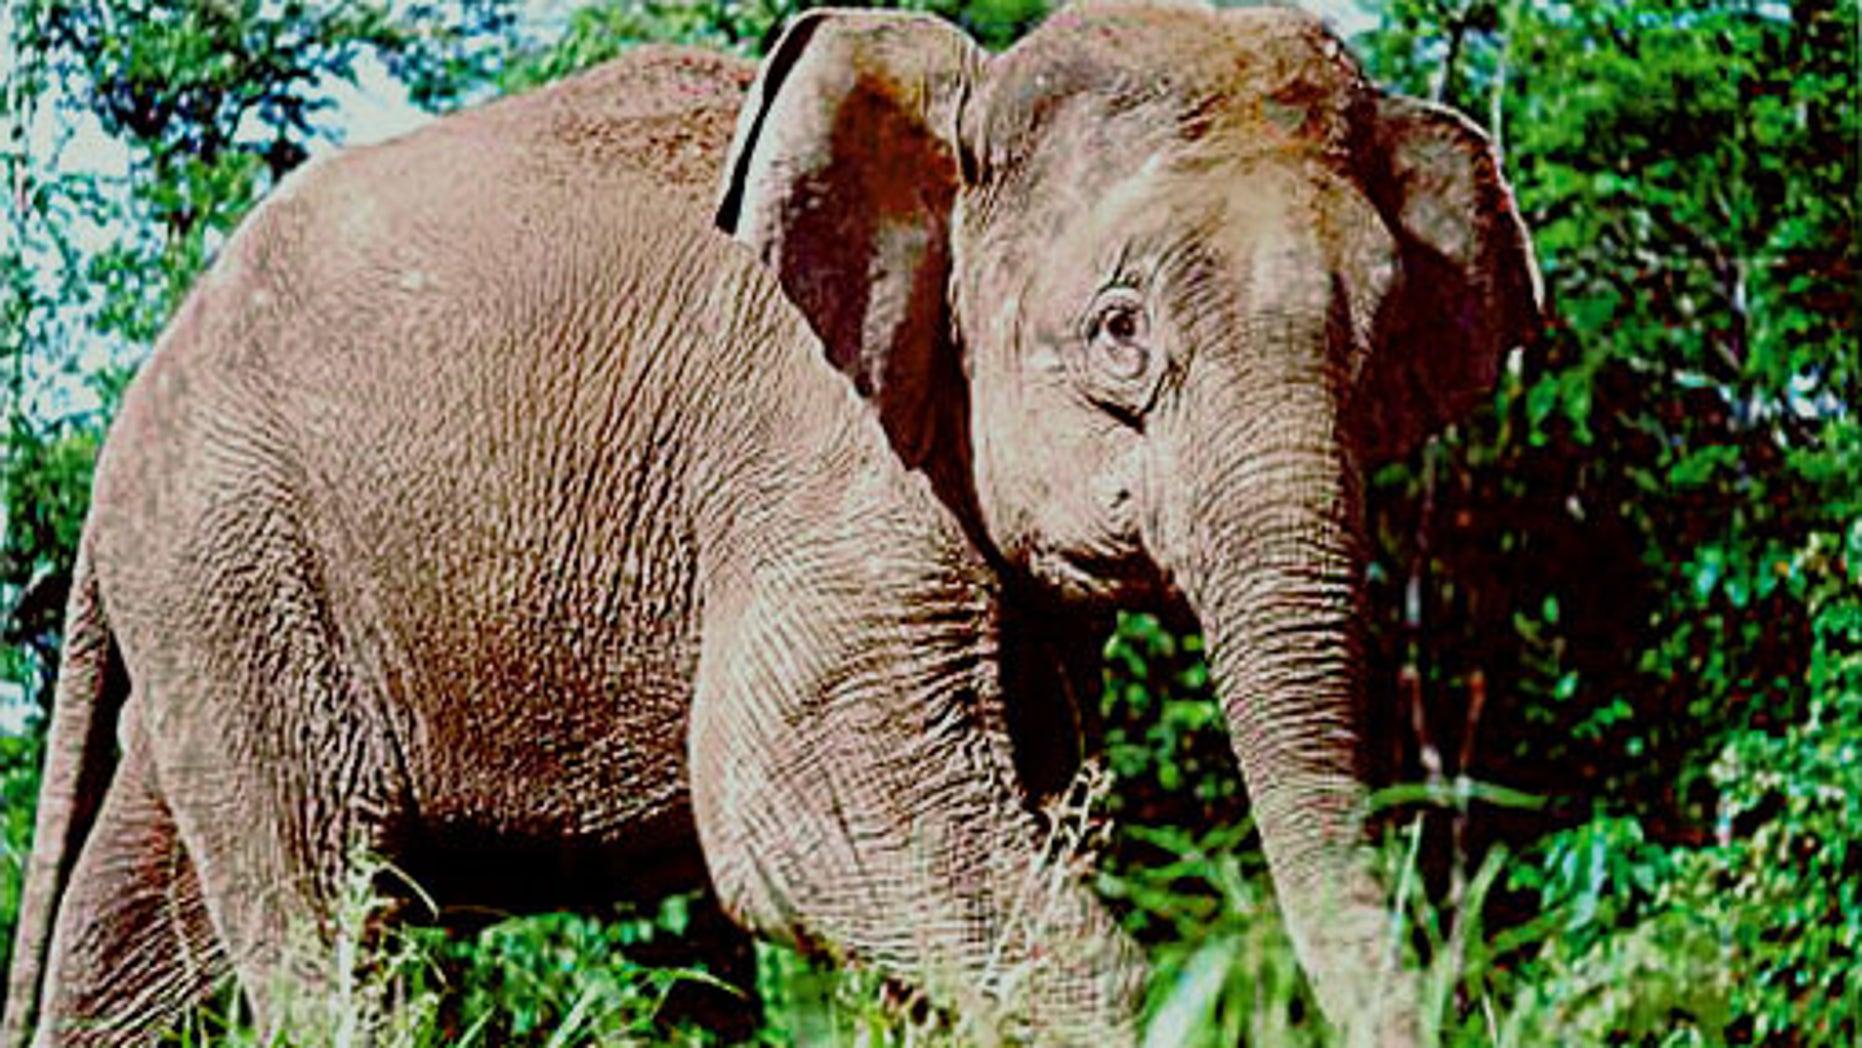 An Asian elephant.